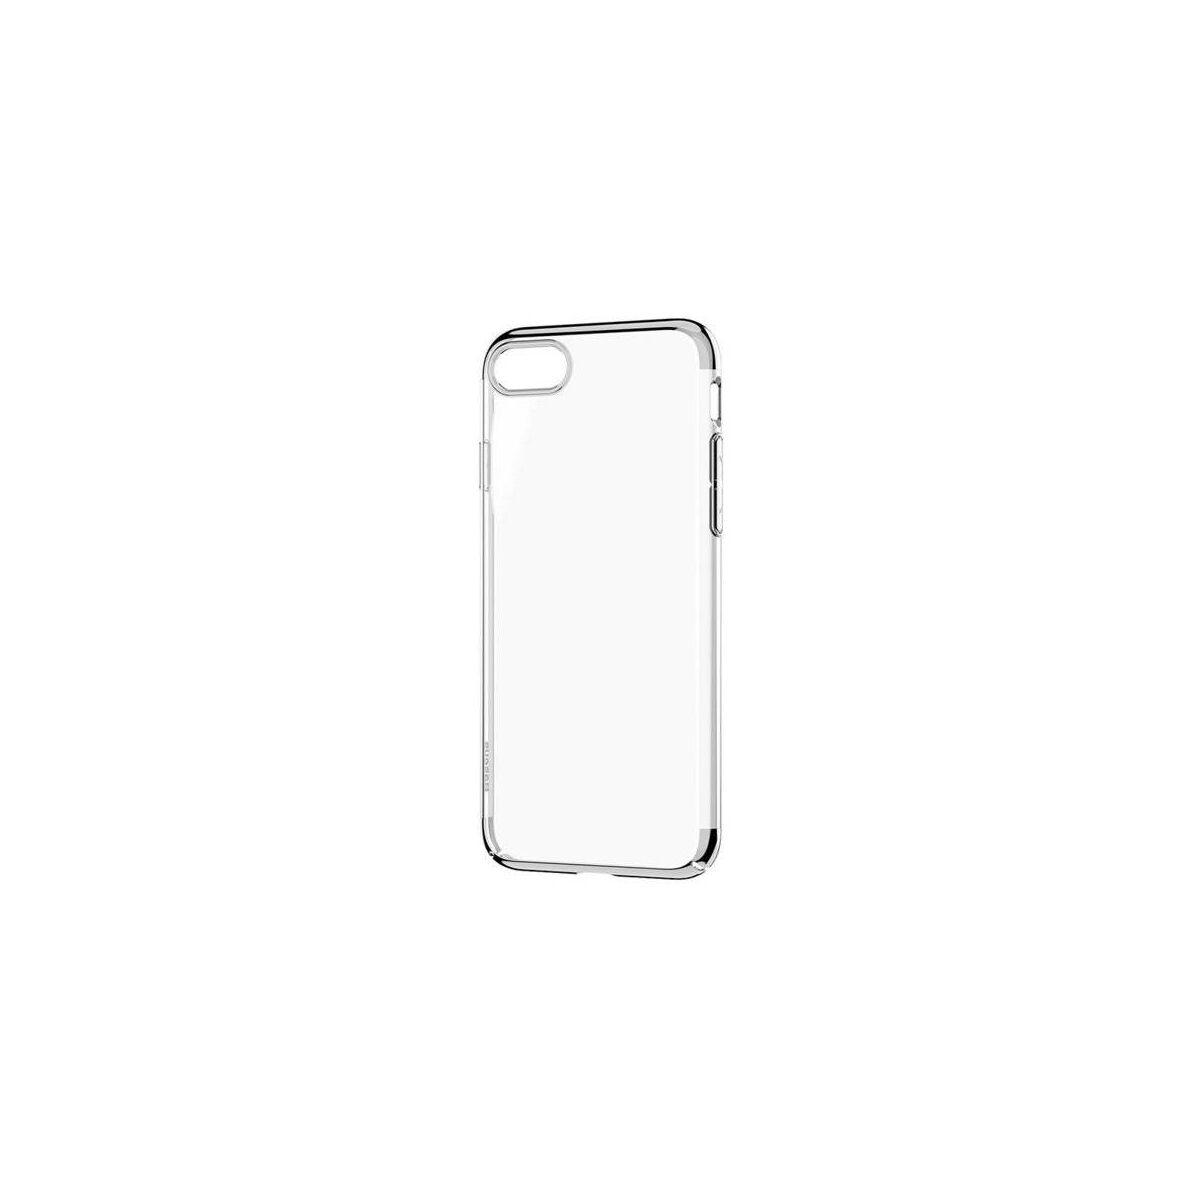 Baseus iPhone 8/7 Plus tok, Glitter, fekete (WIAPIPH7P-DW01)